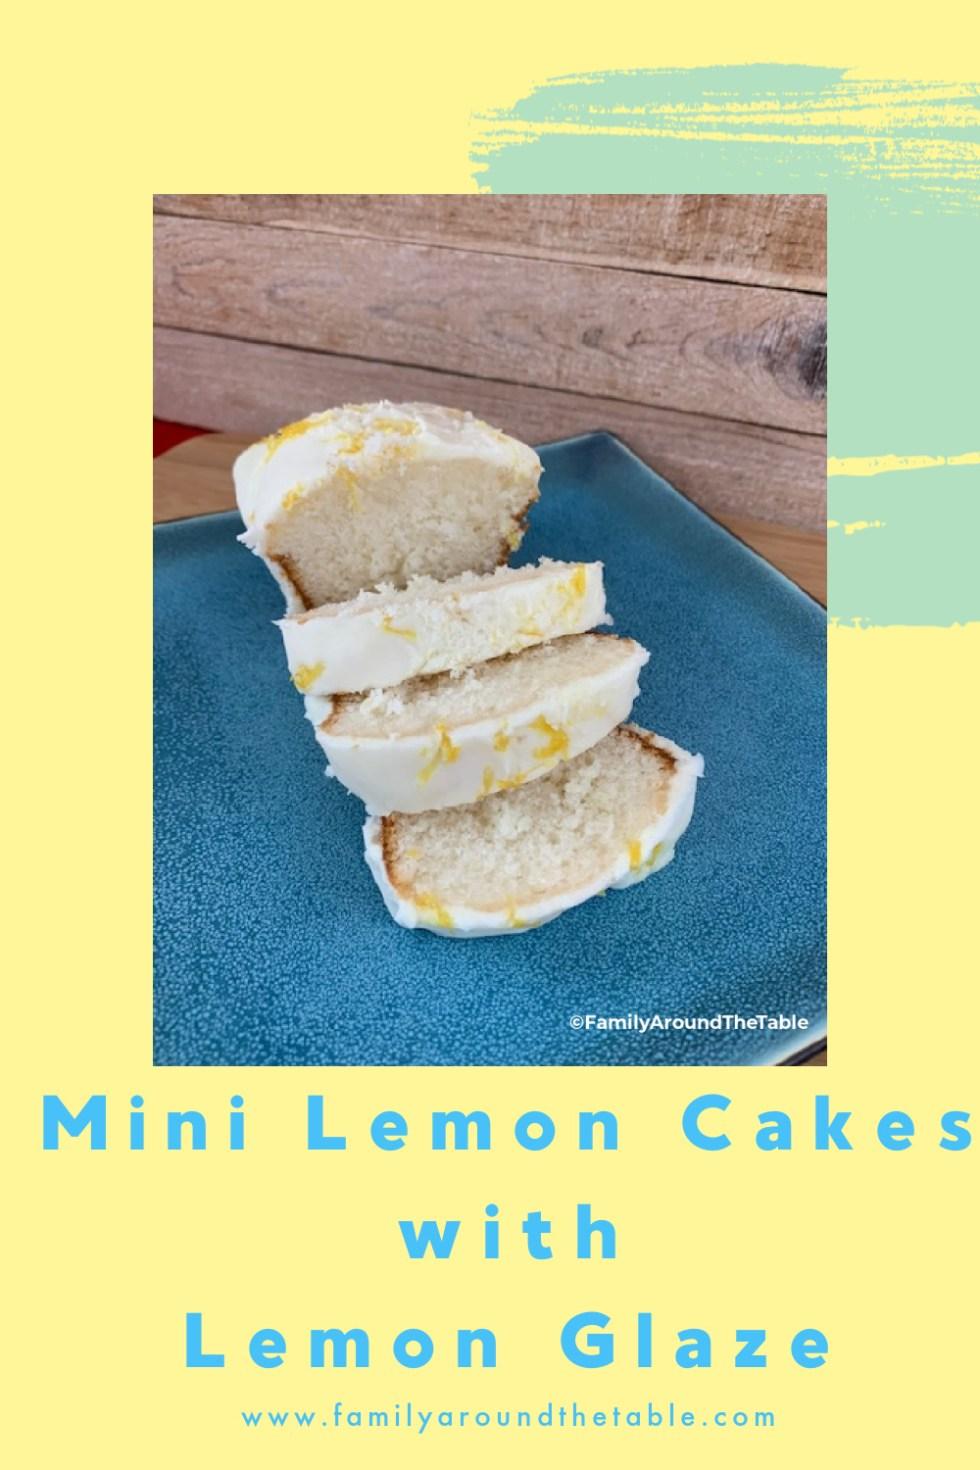 Mini Lemon Cakes Pinterest Image